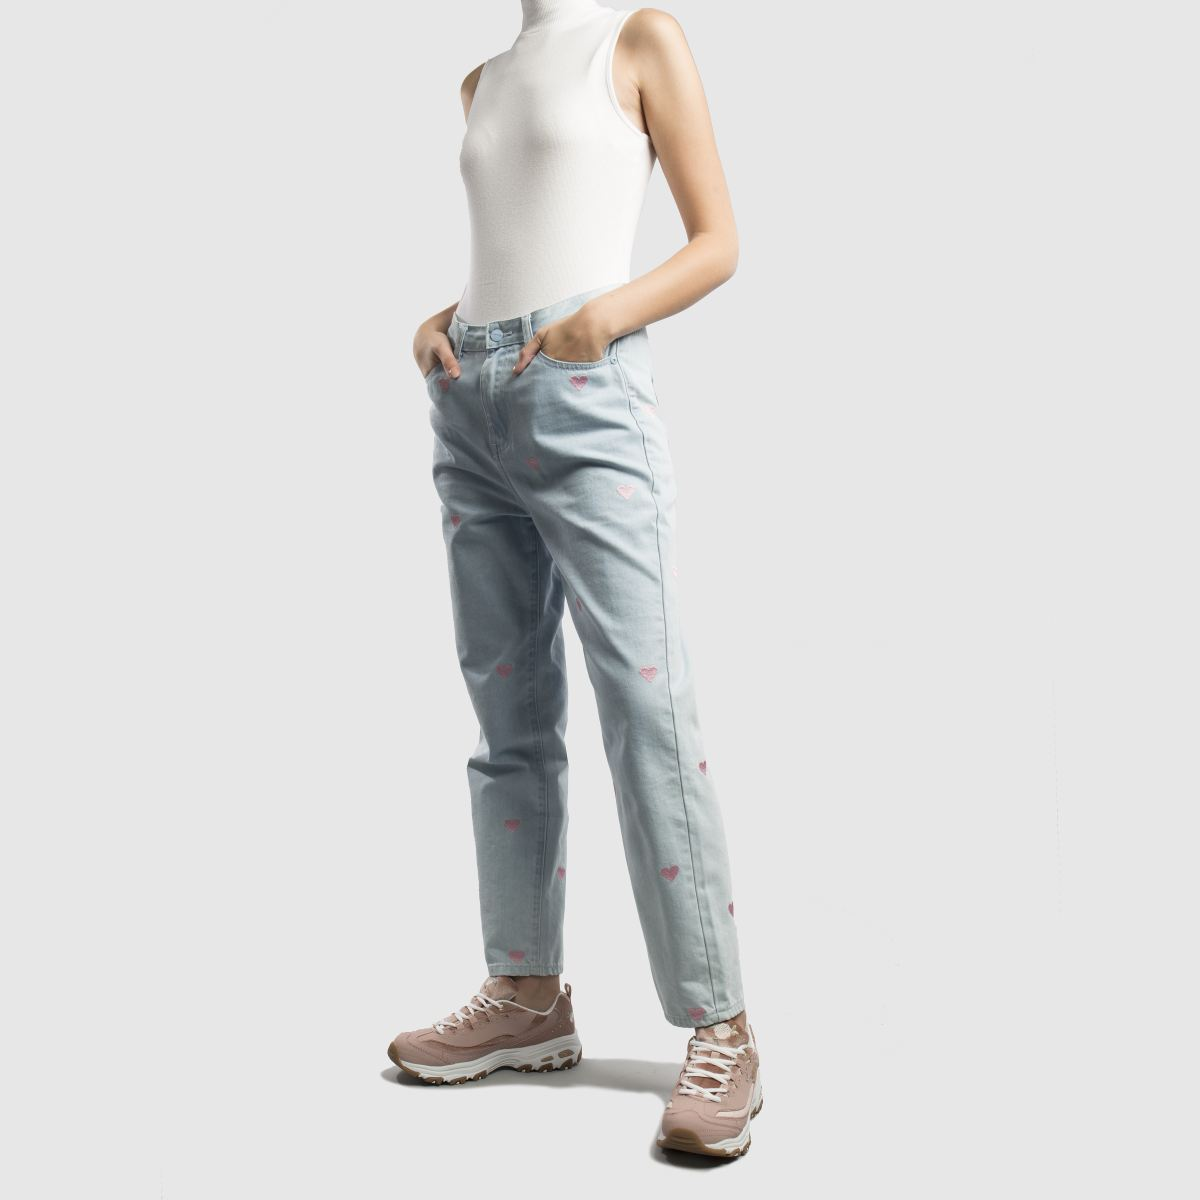 Damen Rosa skechers Dlites Sneaker | Schuhe schuh Gute Qualität beliebte Schuhe | 005b9a